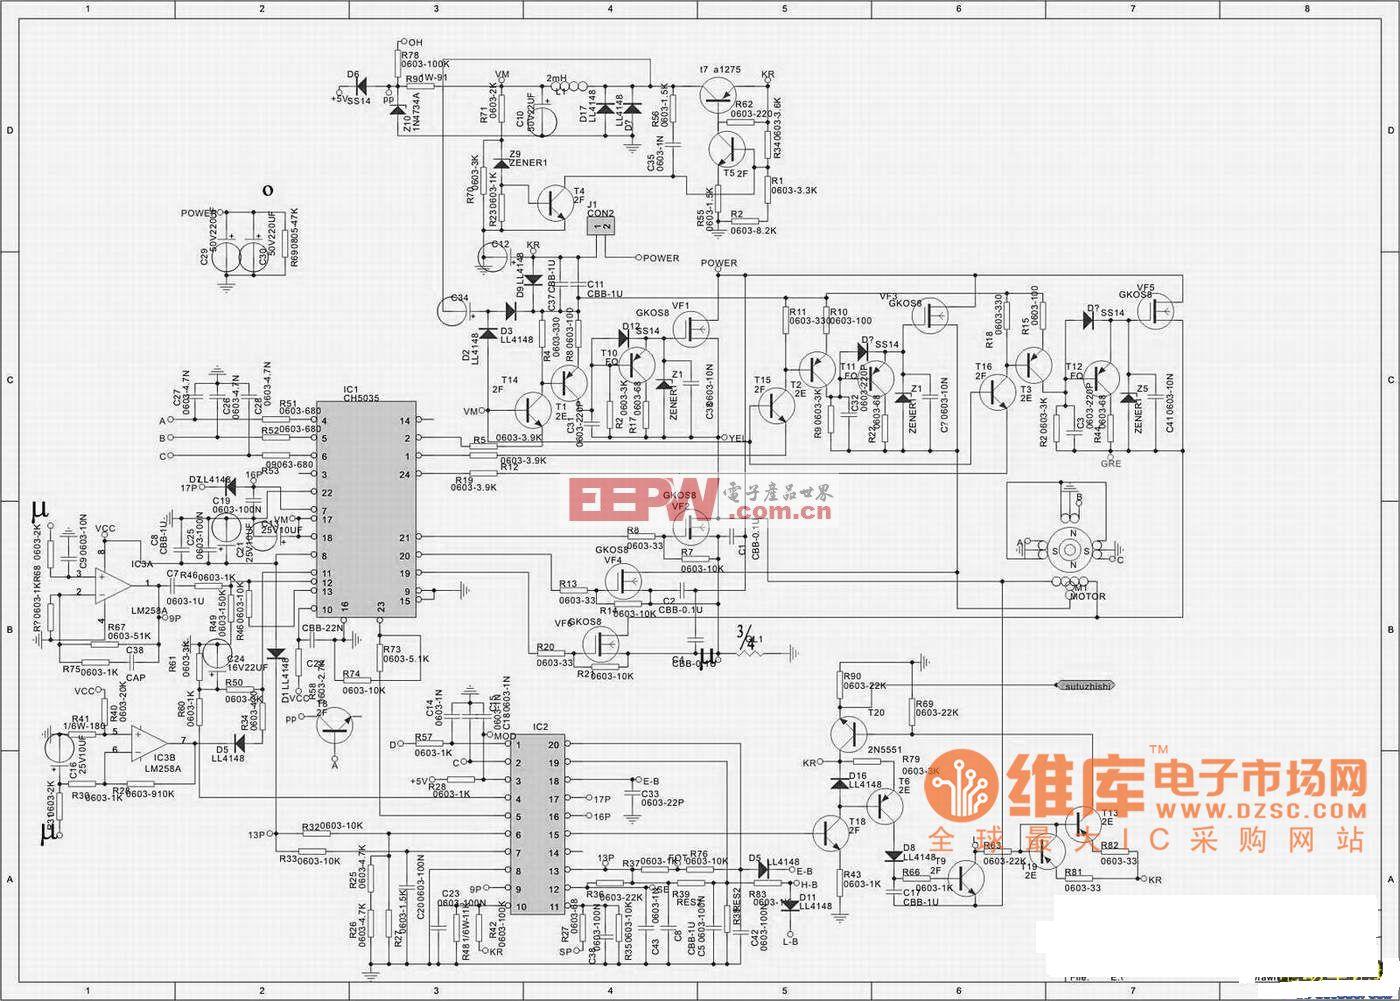 wzk4815松正电动车无刷控制器原理图_电路图_电子产品